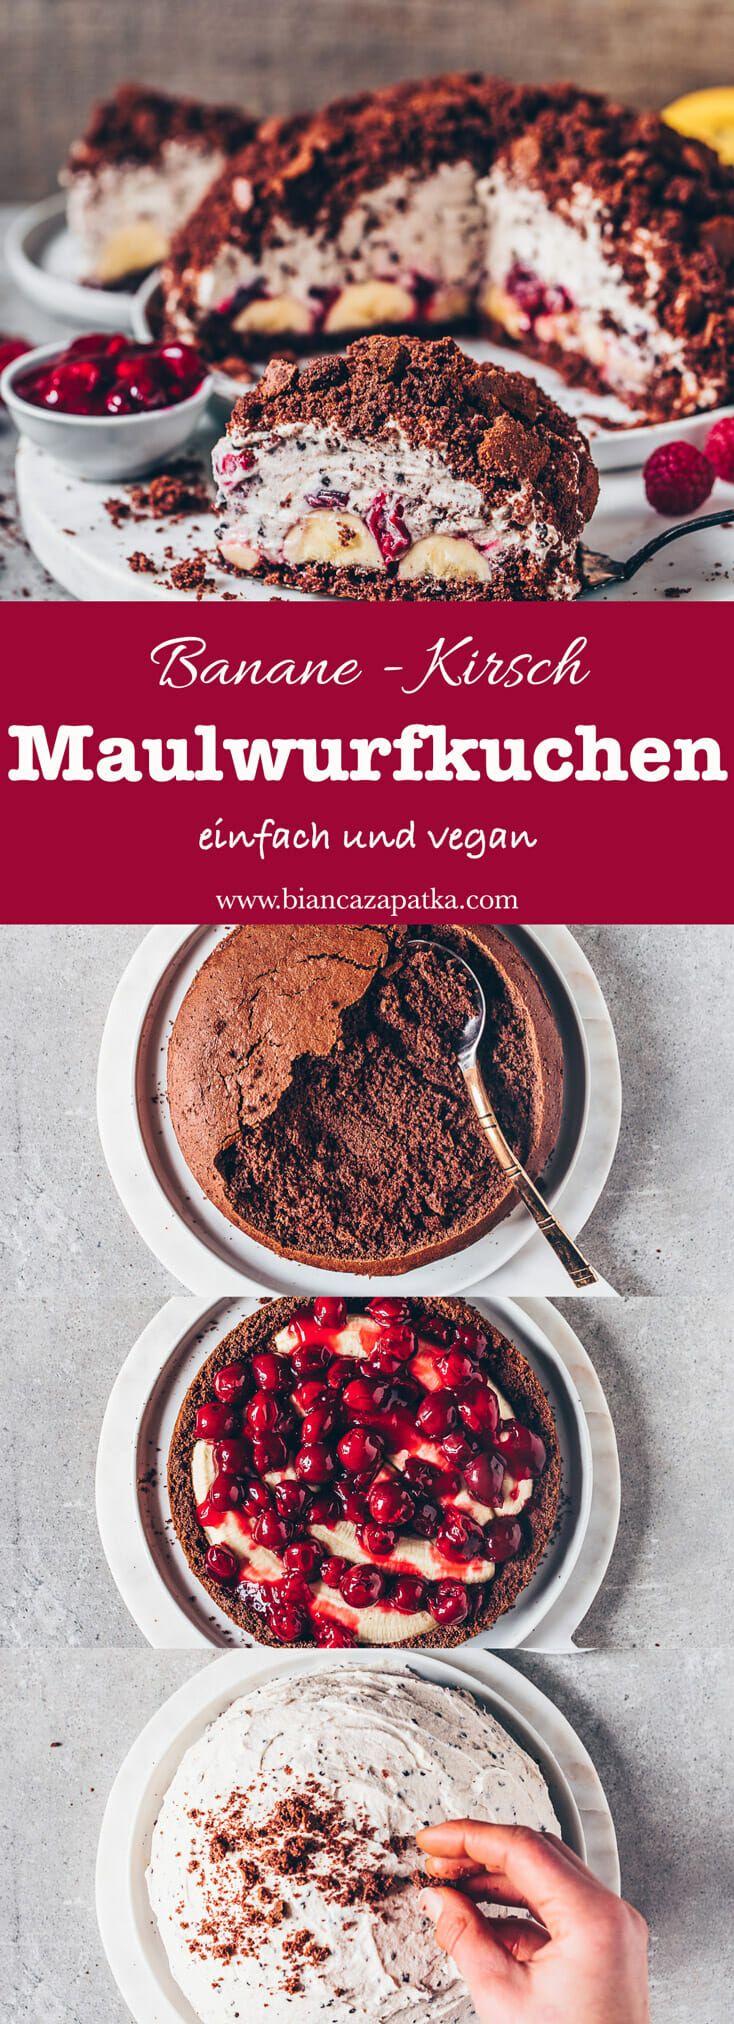 Maulwurfkuchen mit Banane und Kirschen (vegan) - Bianca Zapatka | Rezepte